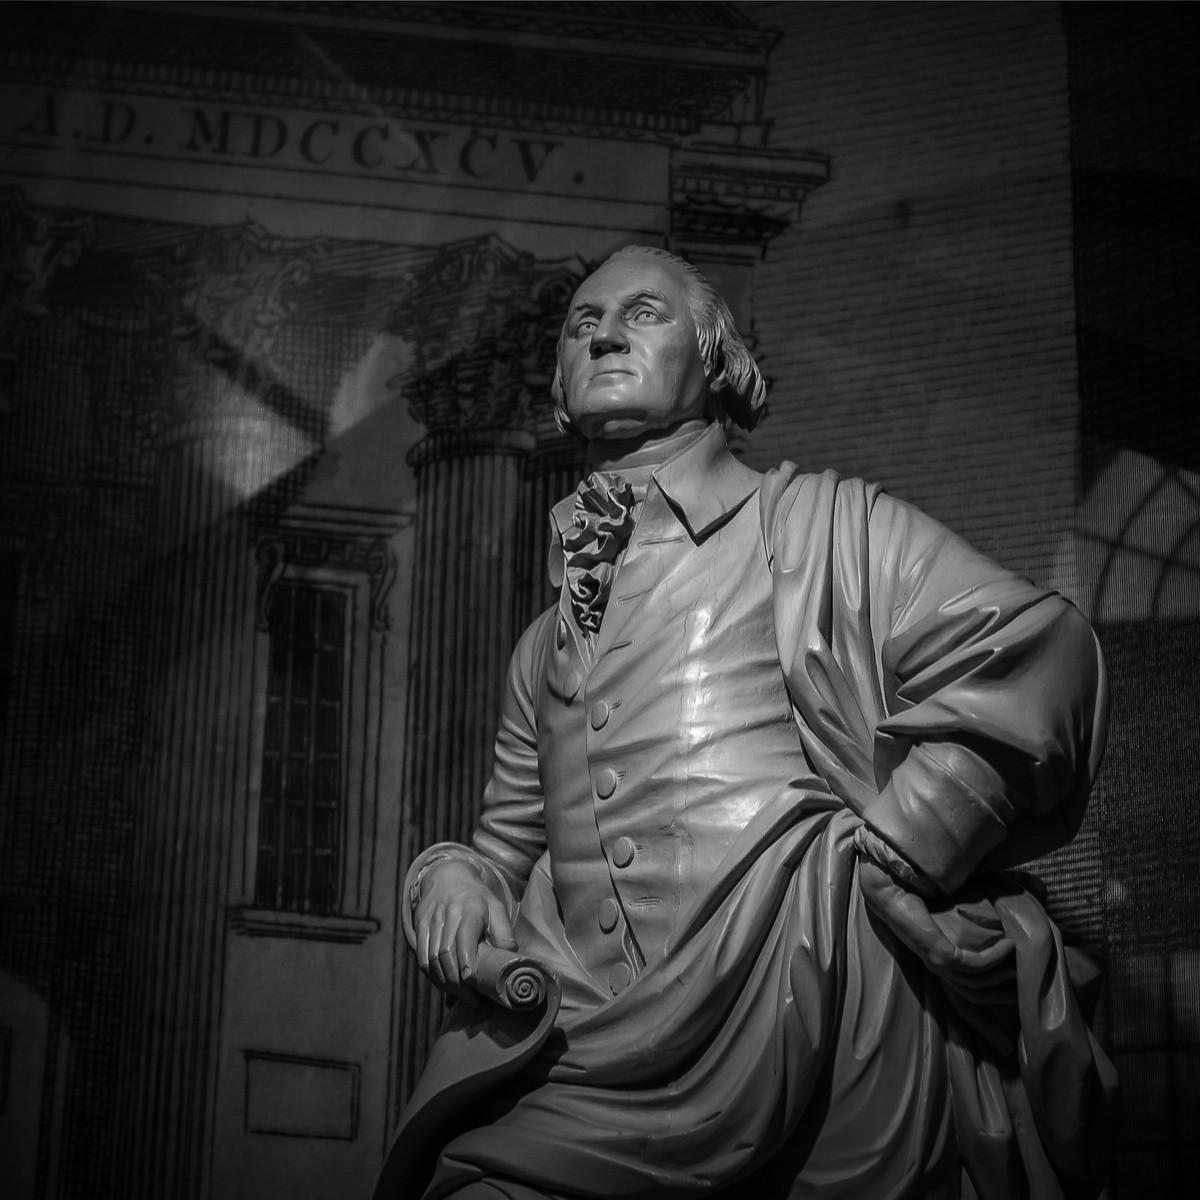 费城独立肖像馆,翻开历史那一页_图1-1